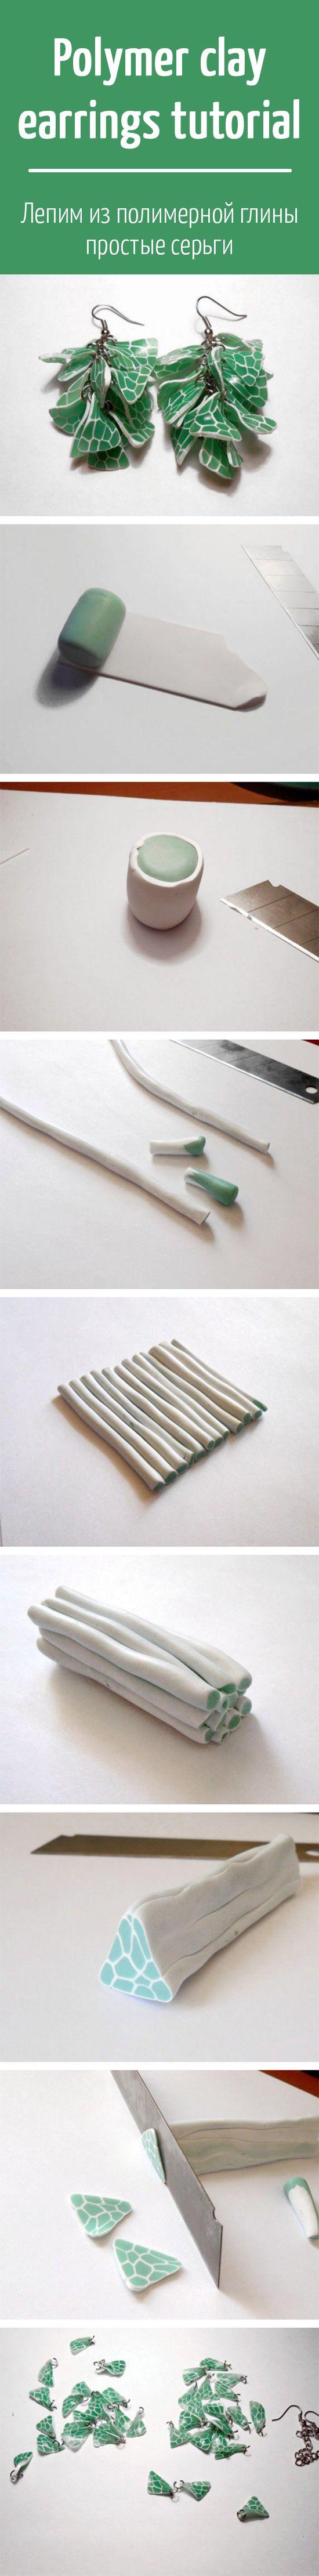 Polymer clay earrings tutorial / Лепим простые симпатичные сережки из полимерной глины